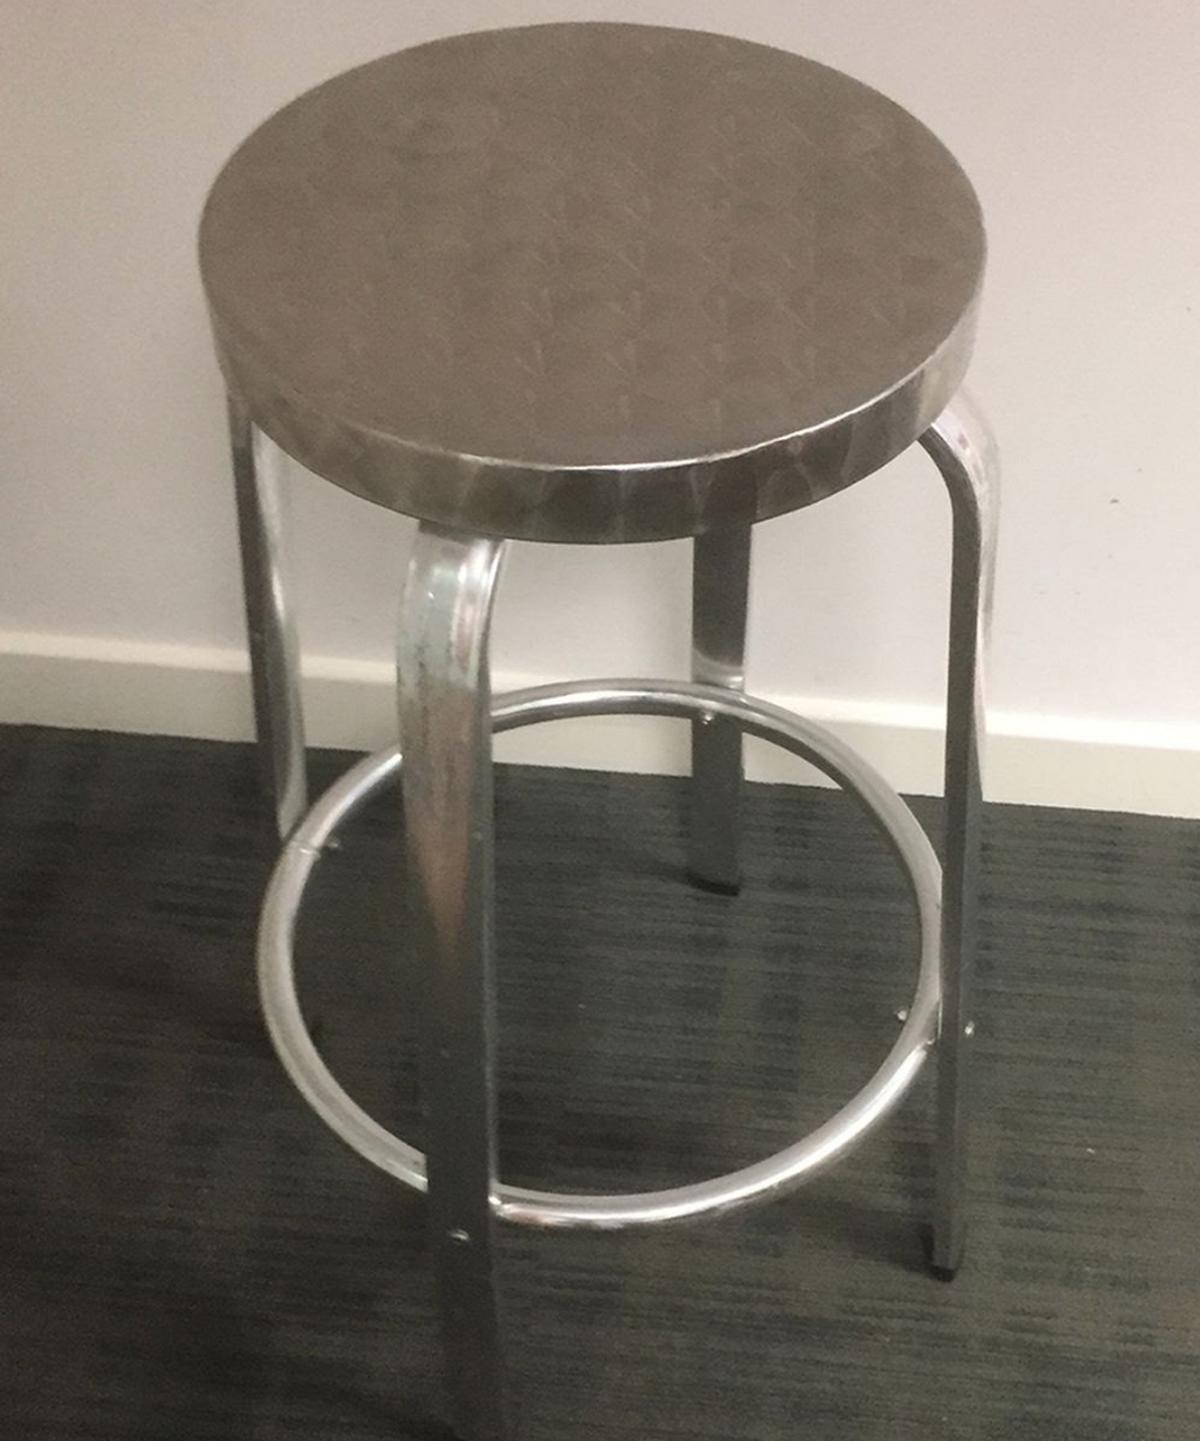 secondhand pub equipment bar stools 23x aluminium bar stools southampton hampshire. Black Bedroom Furniture Sets. Home Design Ideas